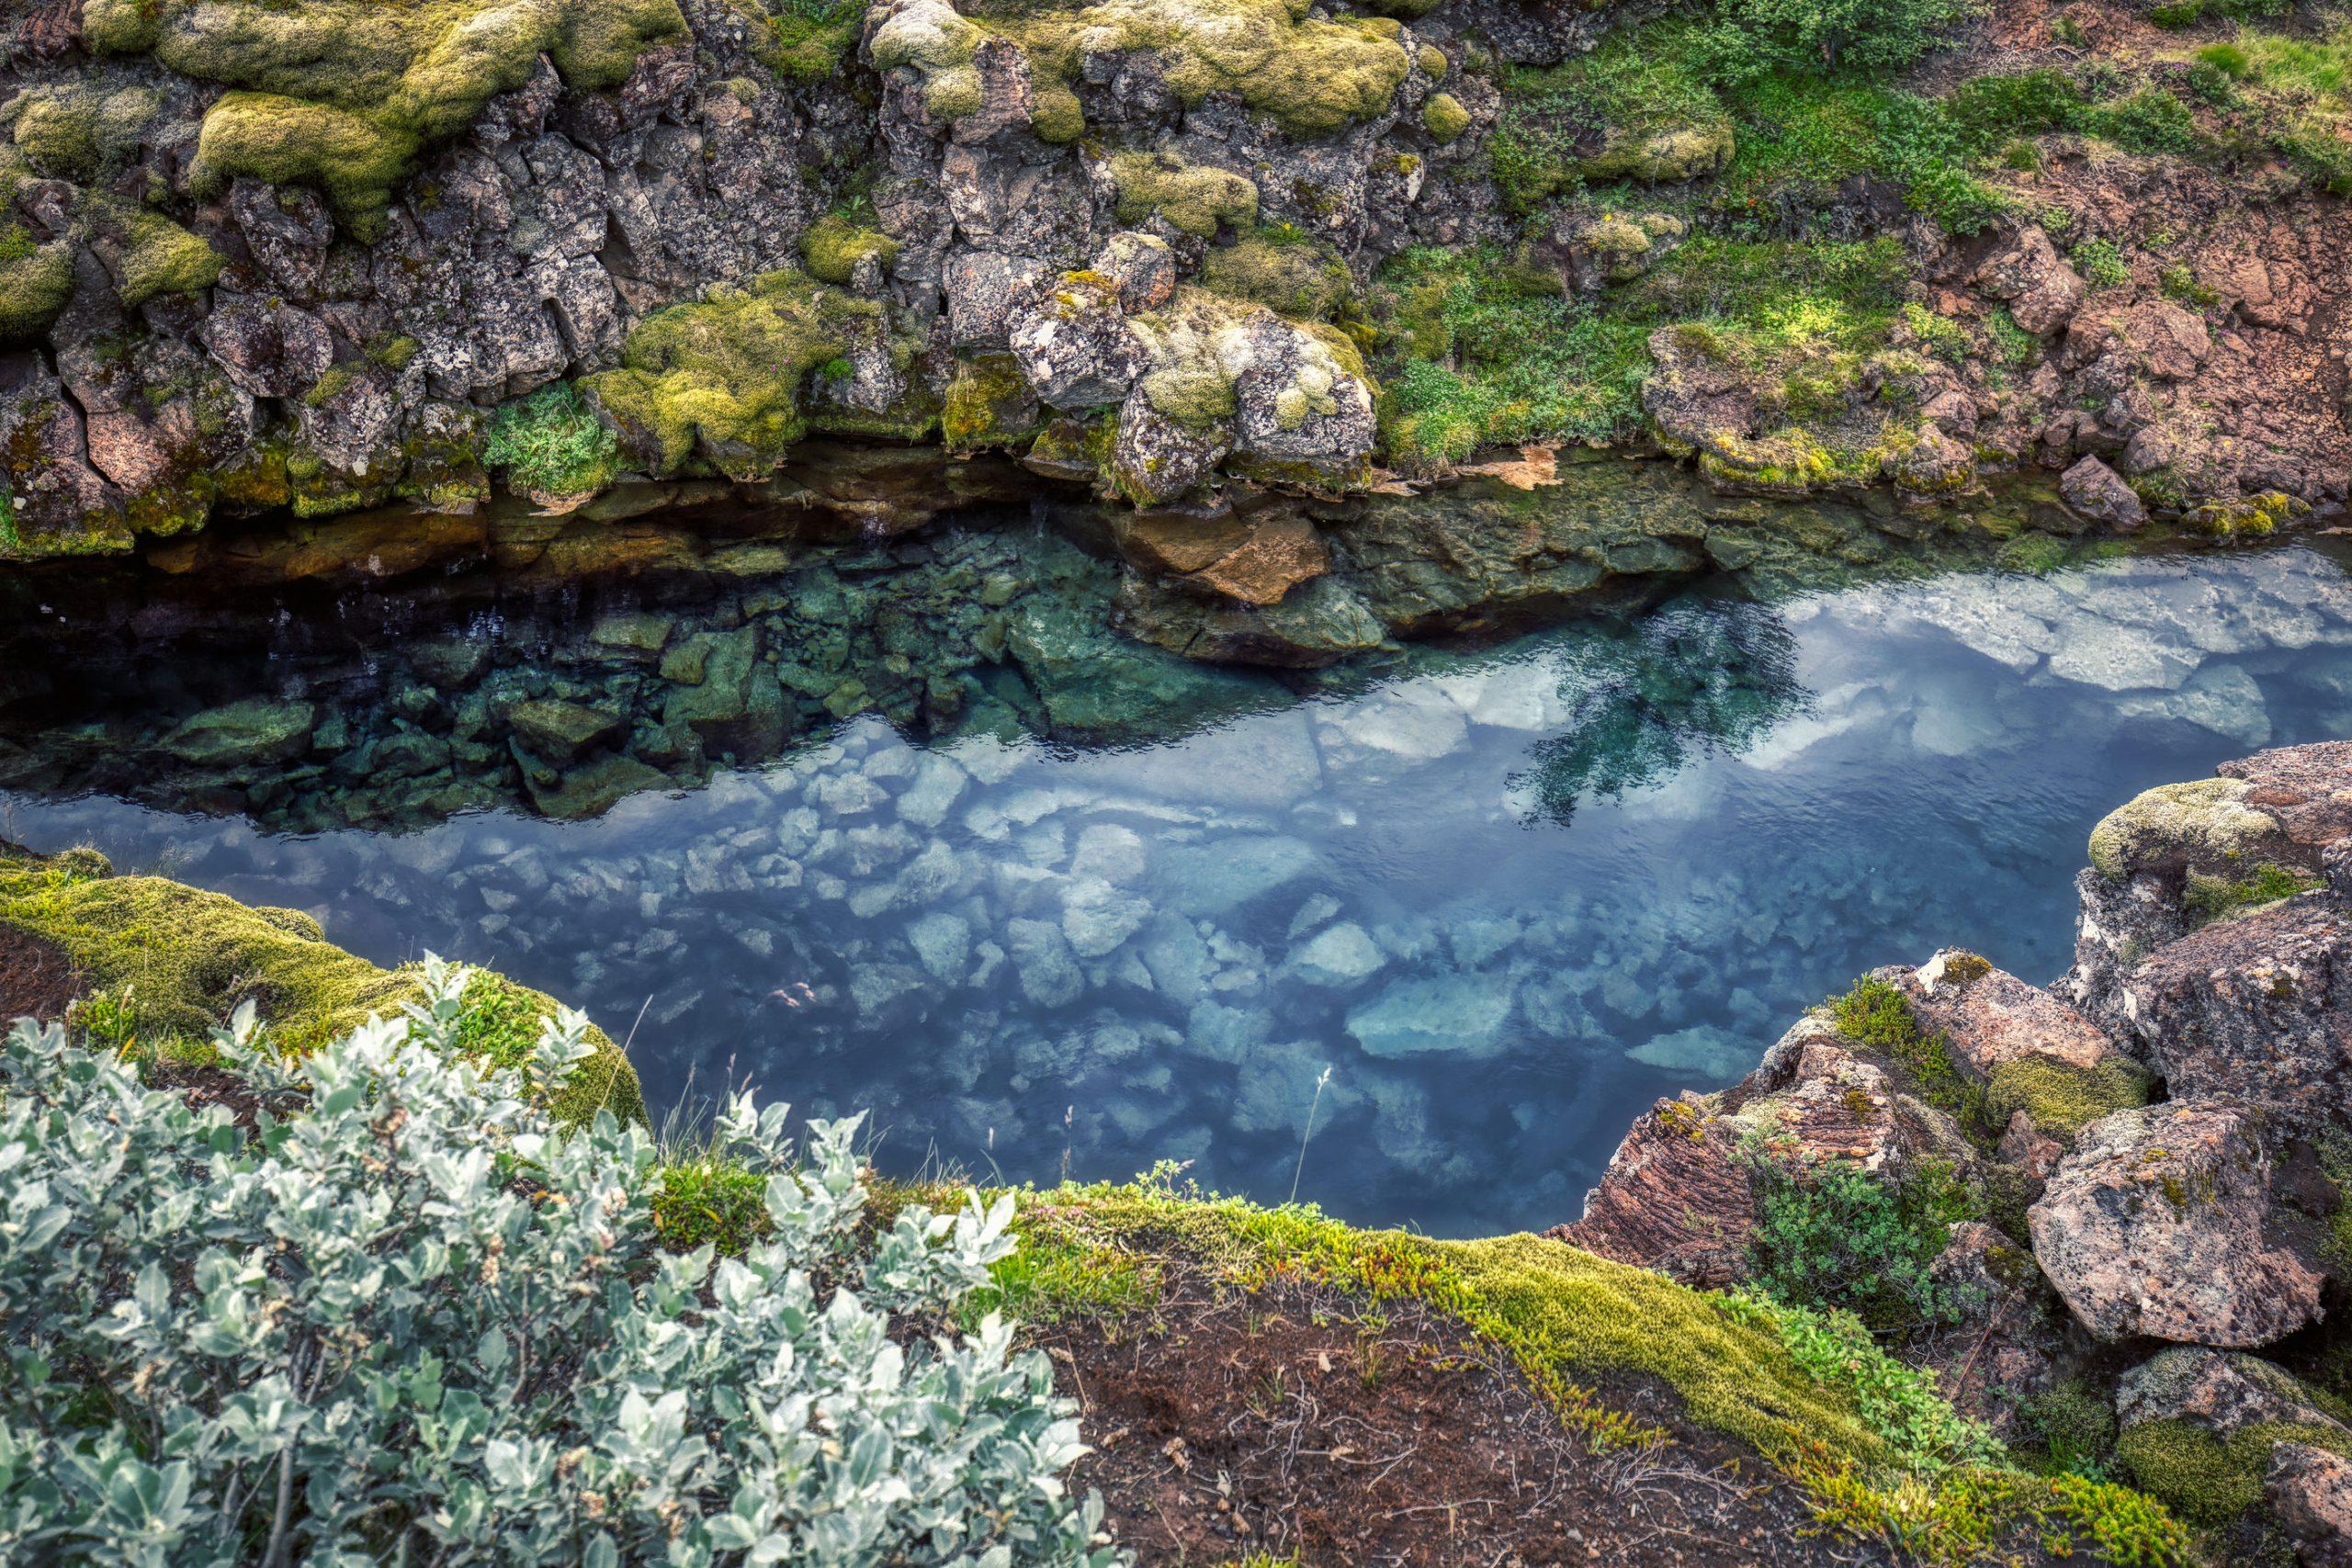 Thingvellir klart vann innsjo nasjonalpark vann Island Reykjavik